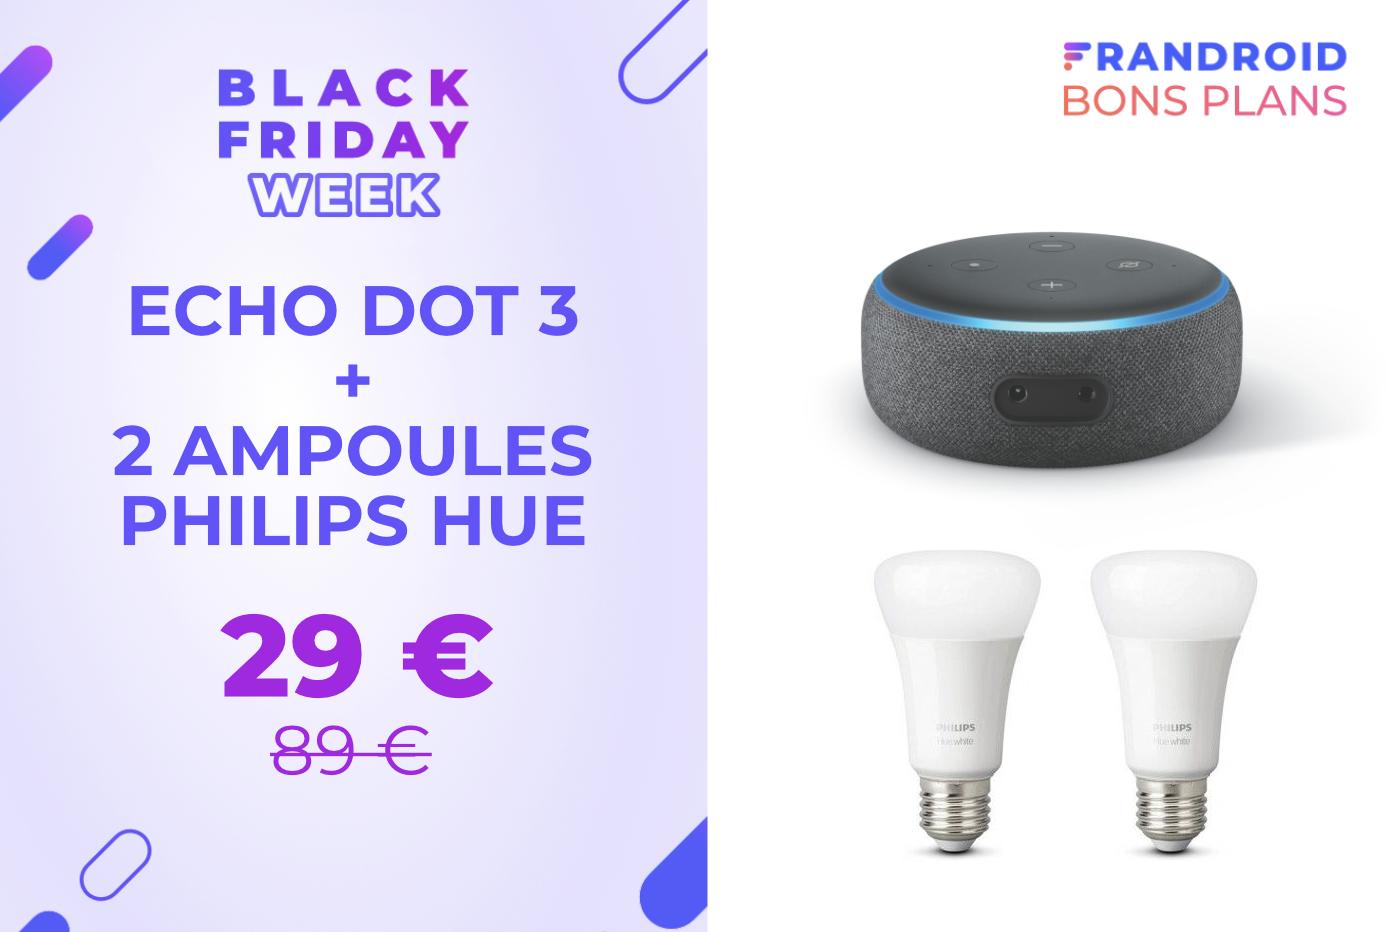 Ce pack Echo Dot + Philips Hue est à seulement 29 € pour le Black Friday